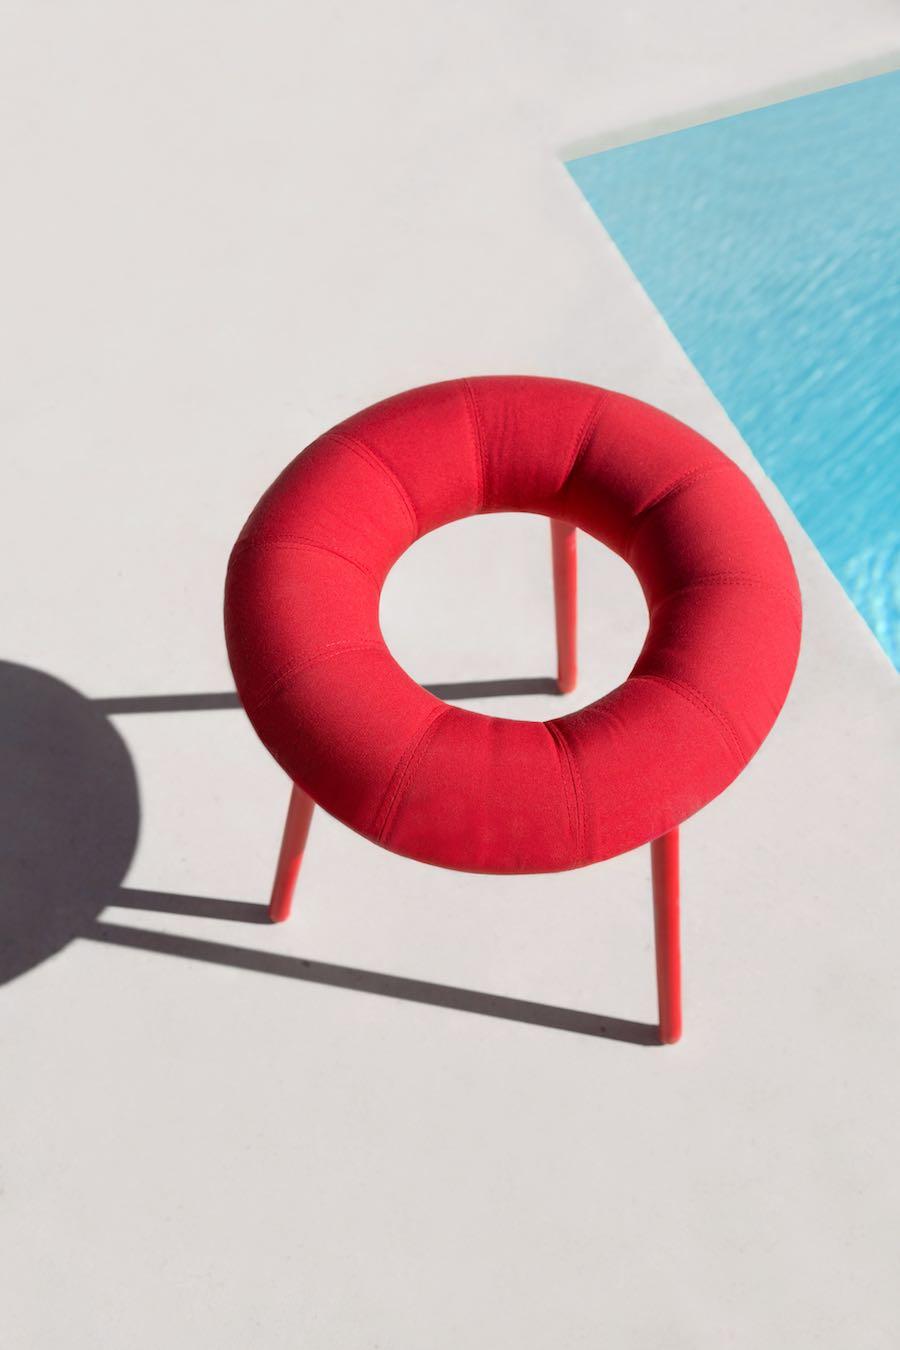 Doughnut-inspired stool by Mikiya Kobayashi.